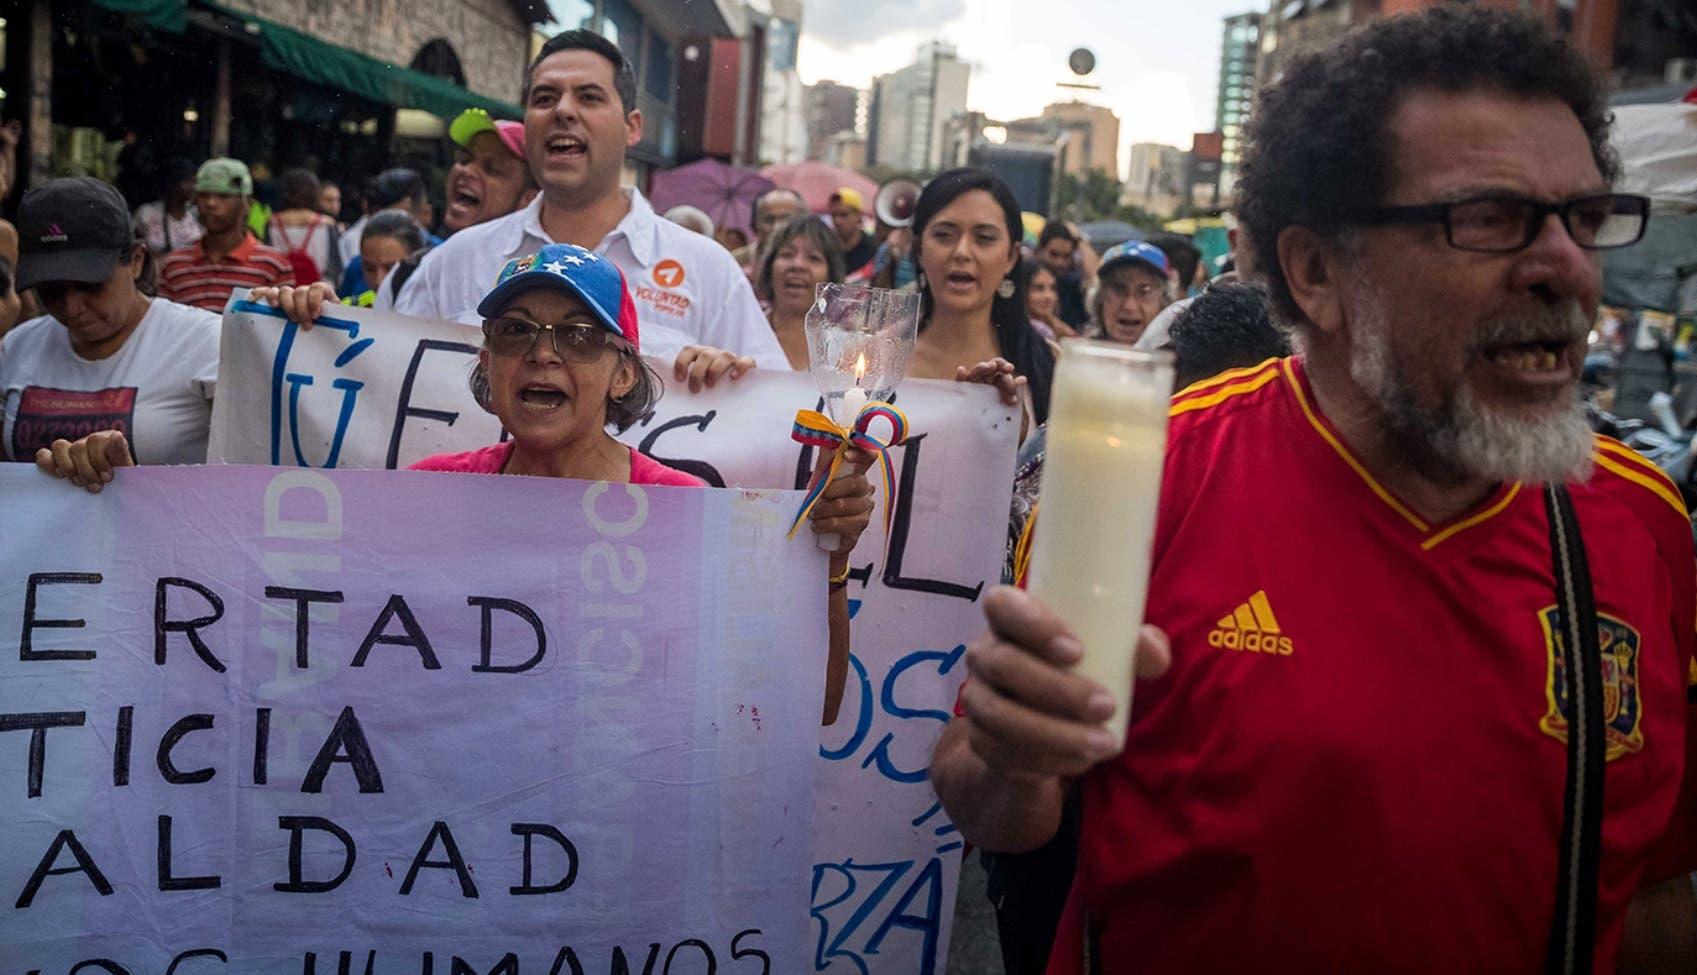 El presidente venezolano Nicolás Maduro prometió abastecimieto de carne en los próximos días.